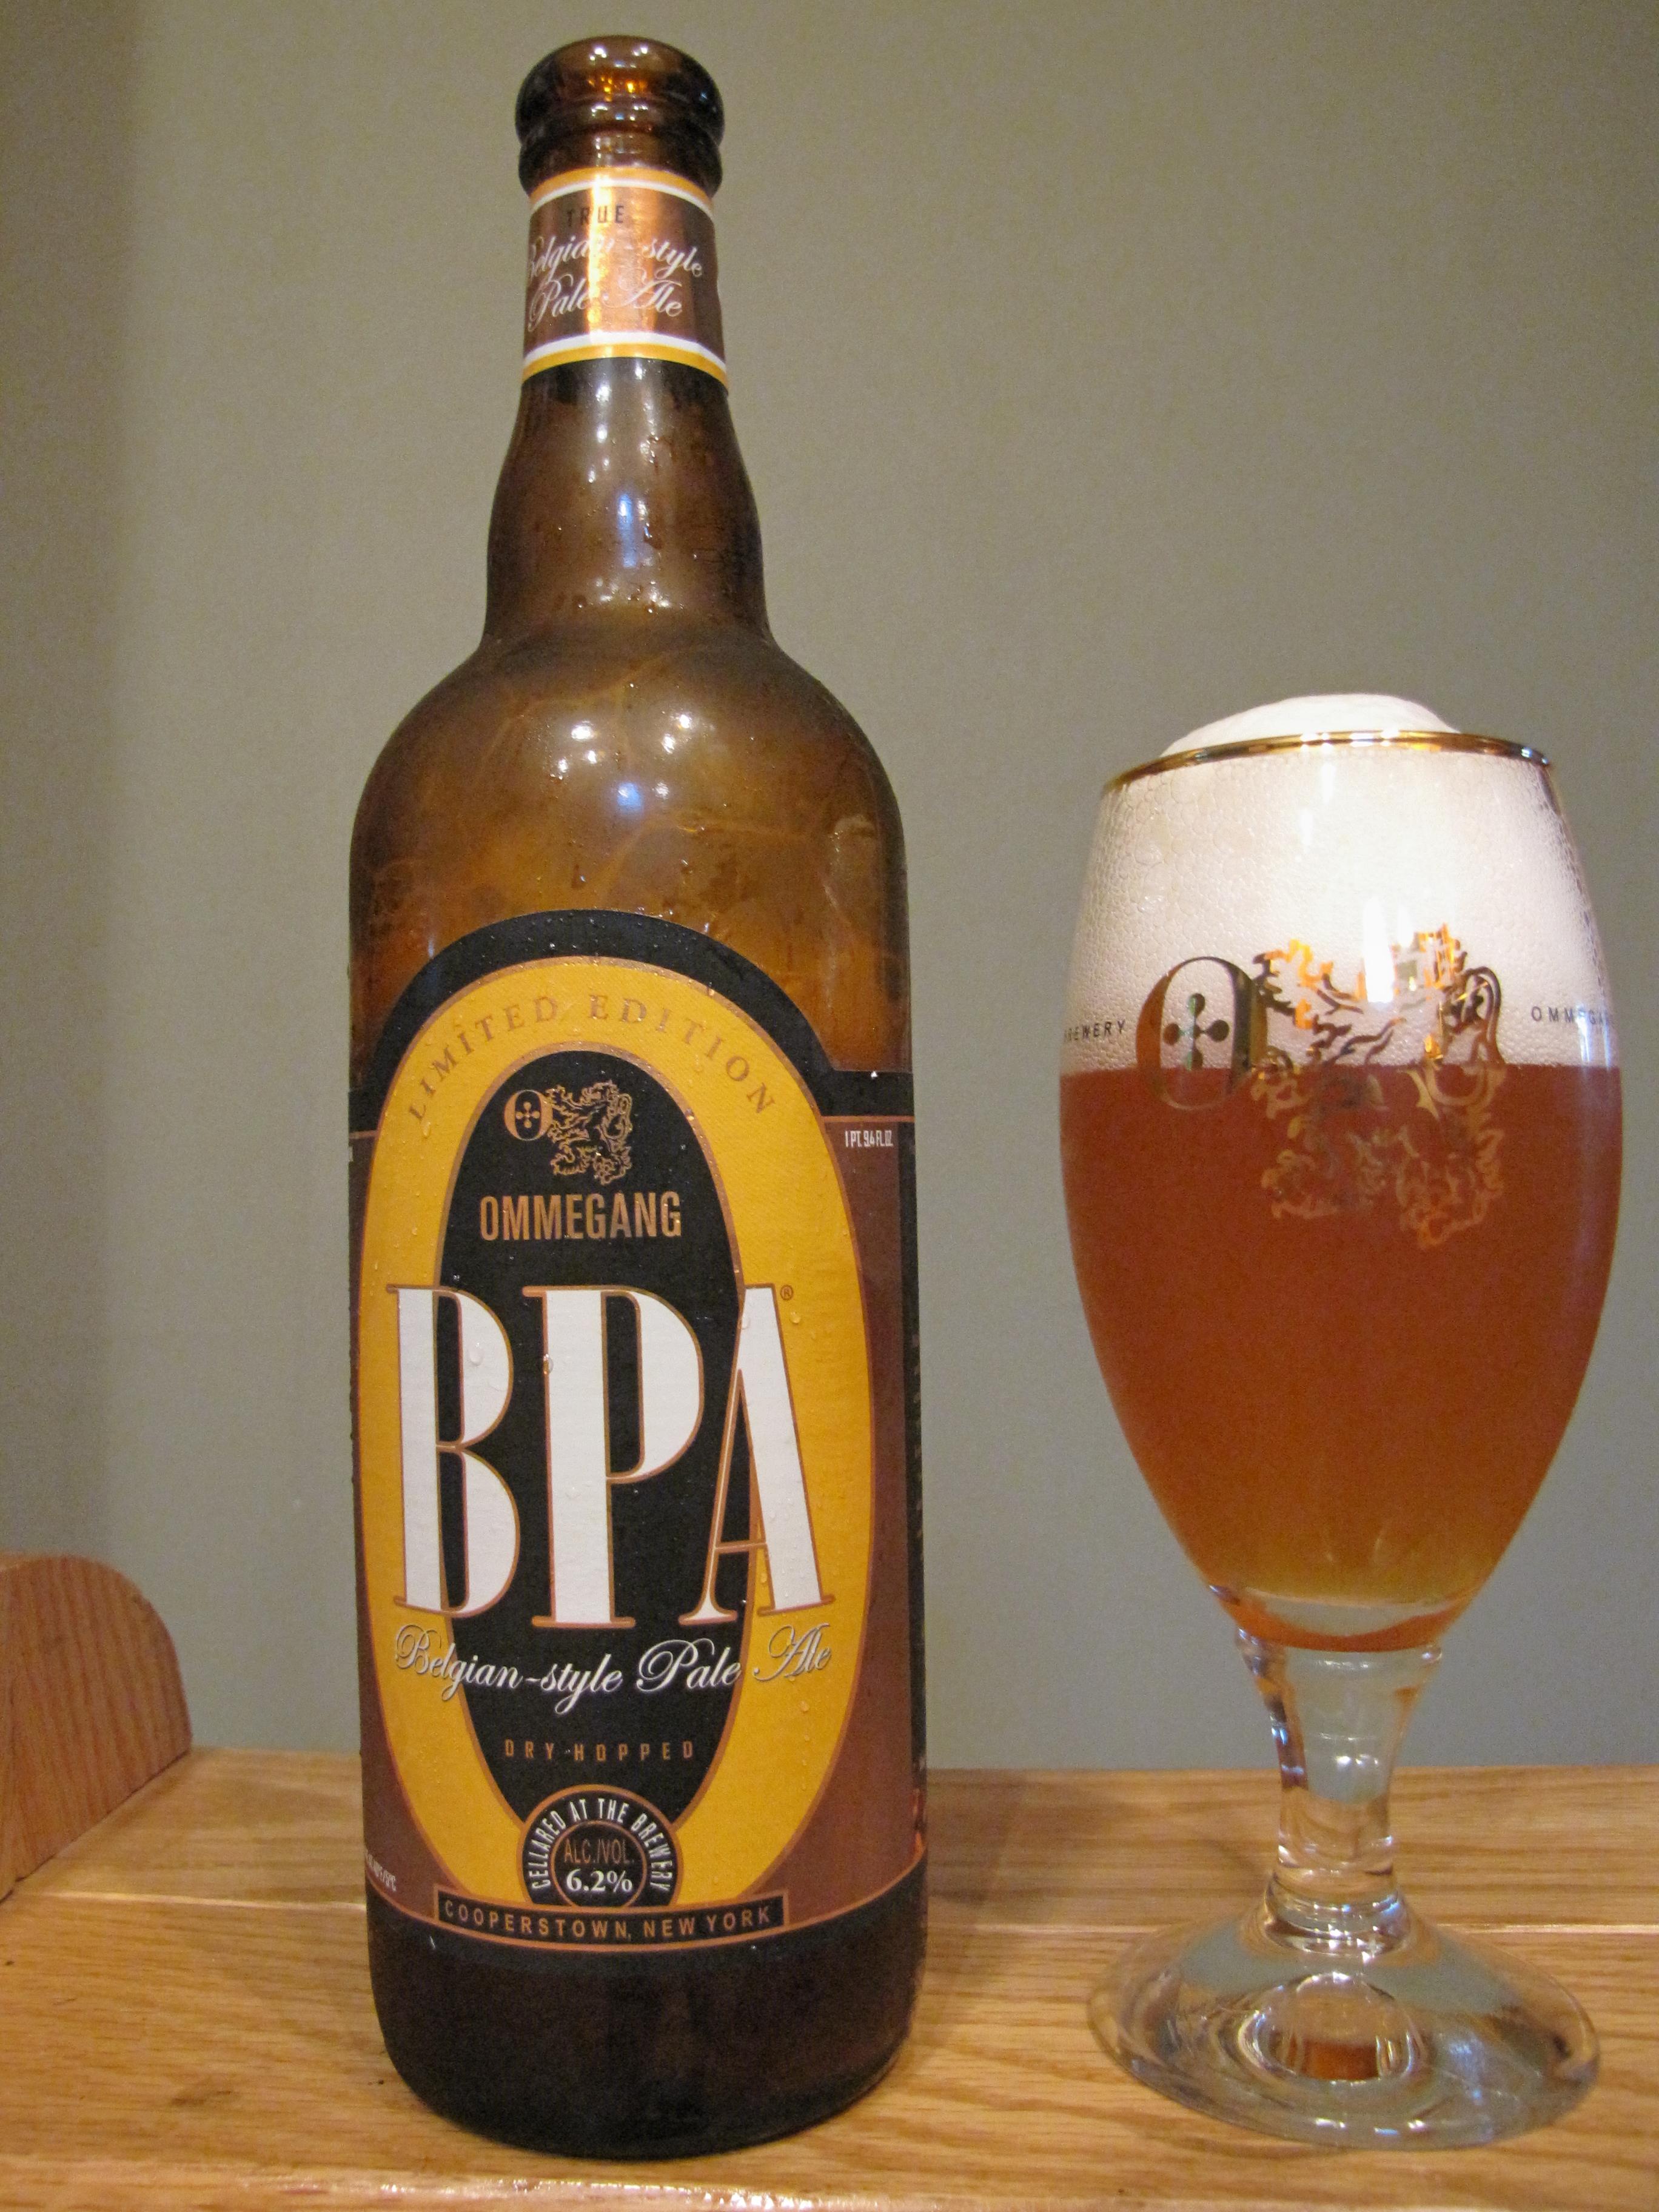 Ommegang BPA